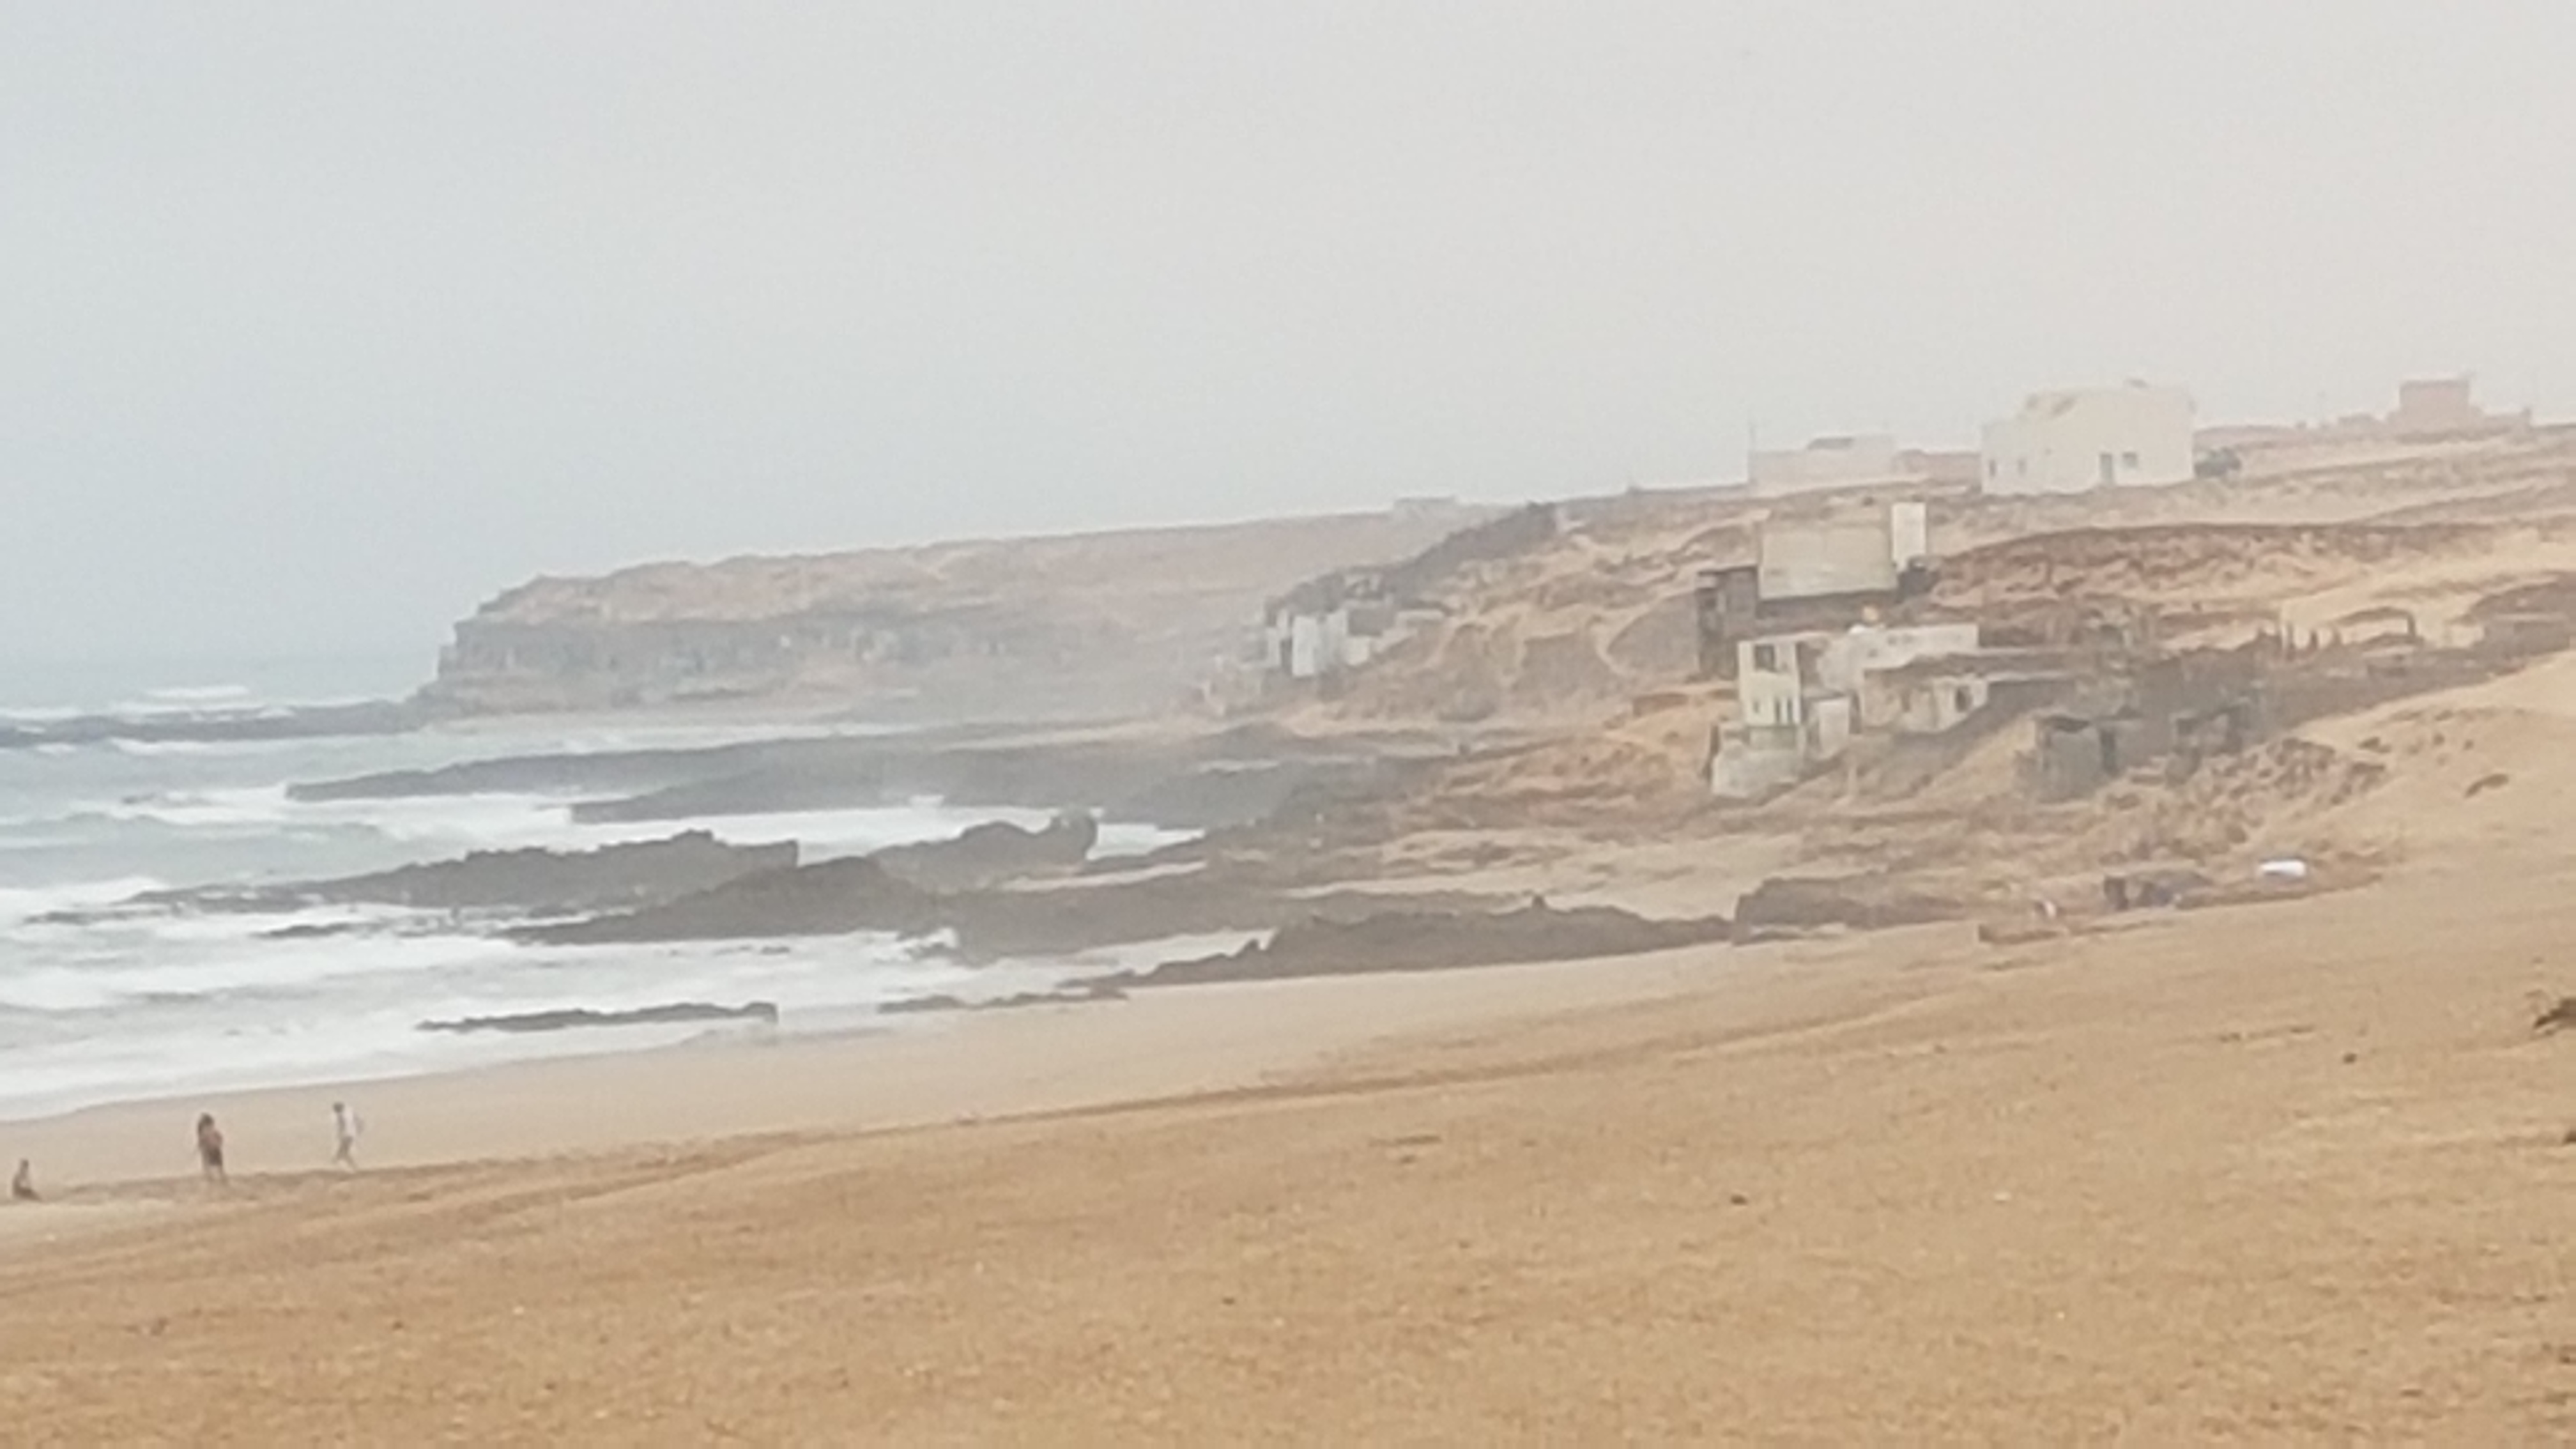 مياه شاطئ اكلو تلفظ أشلاء بشرية اخرى زوال اليوم الخميس